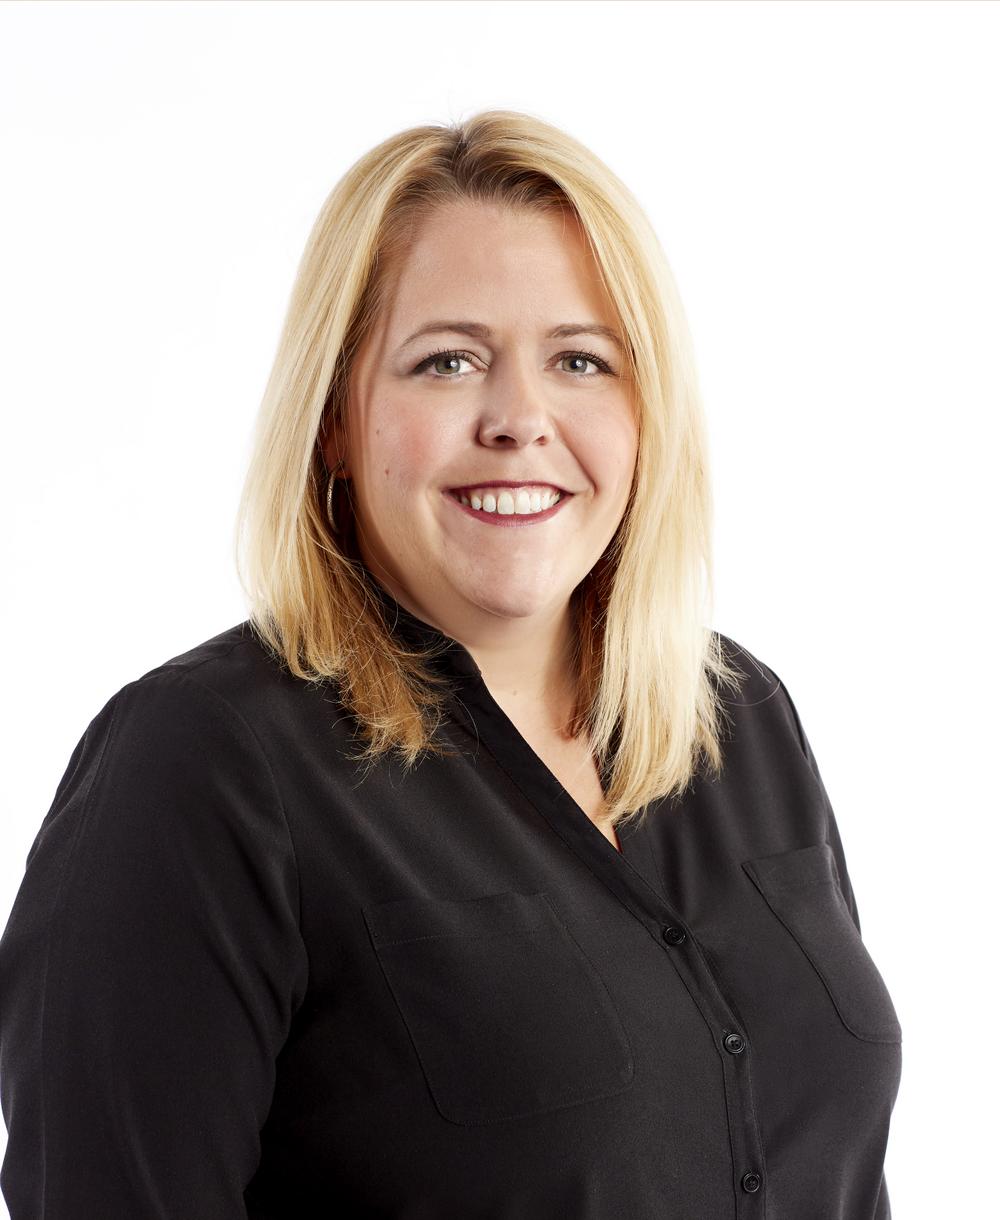 Natalie Lockhart, vice president of salon for JCPenney.